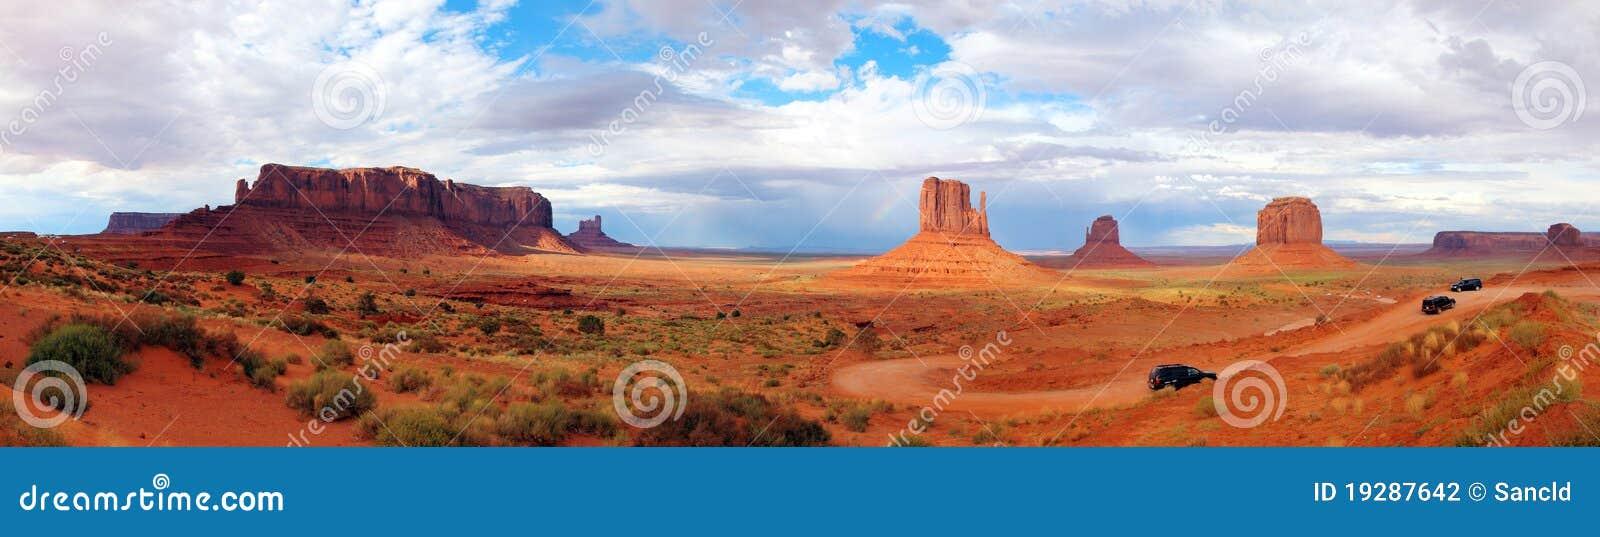 United States USA America Monument Valley Panorama Arizona Utah